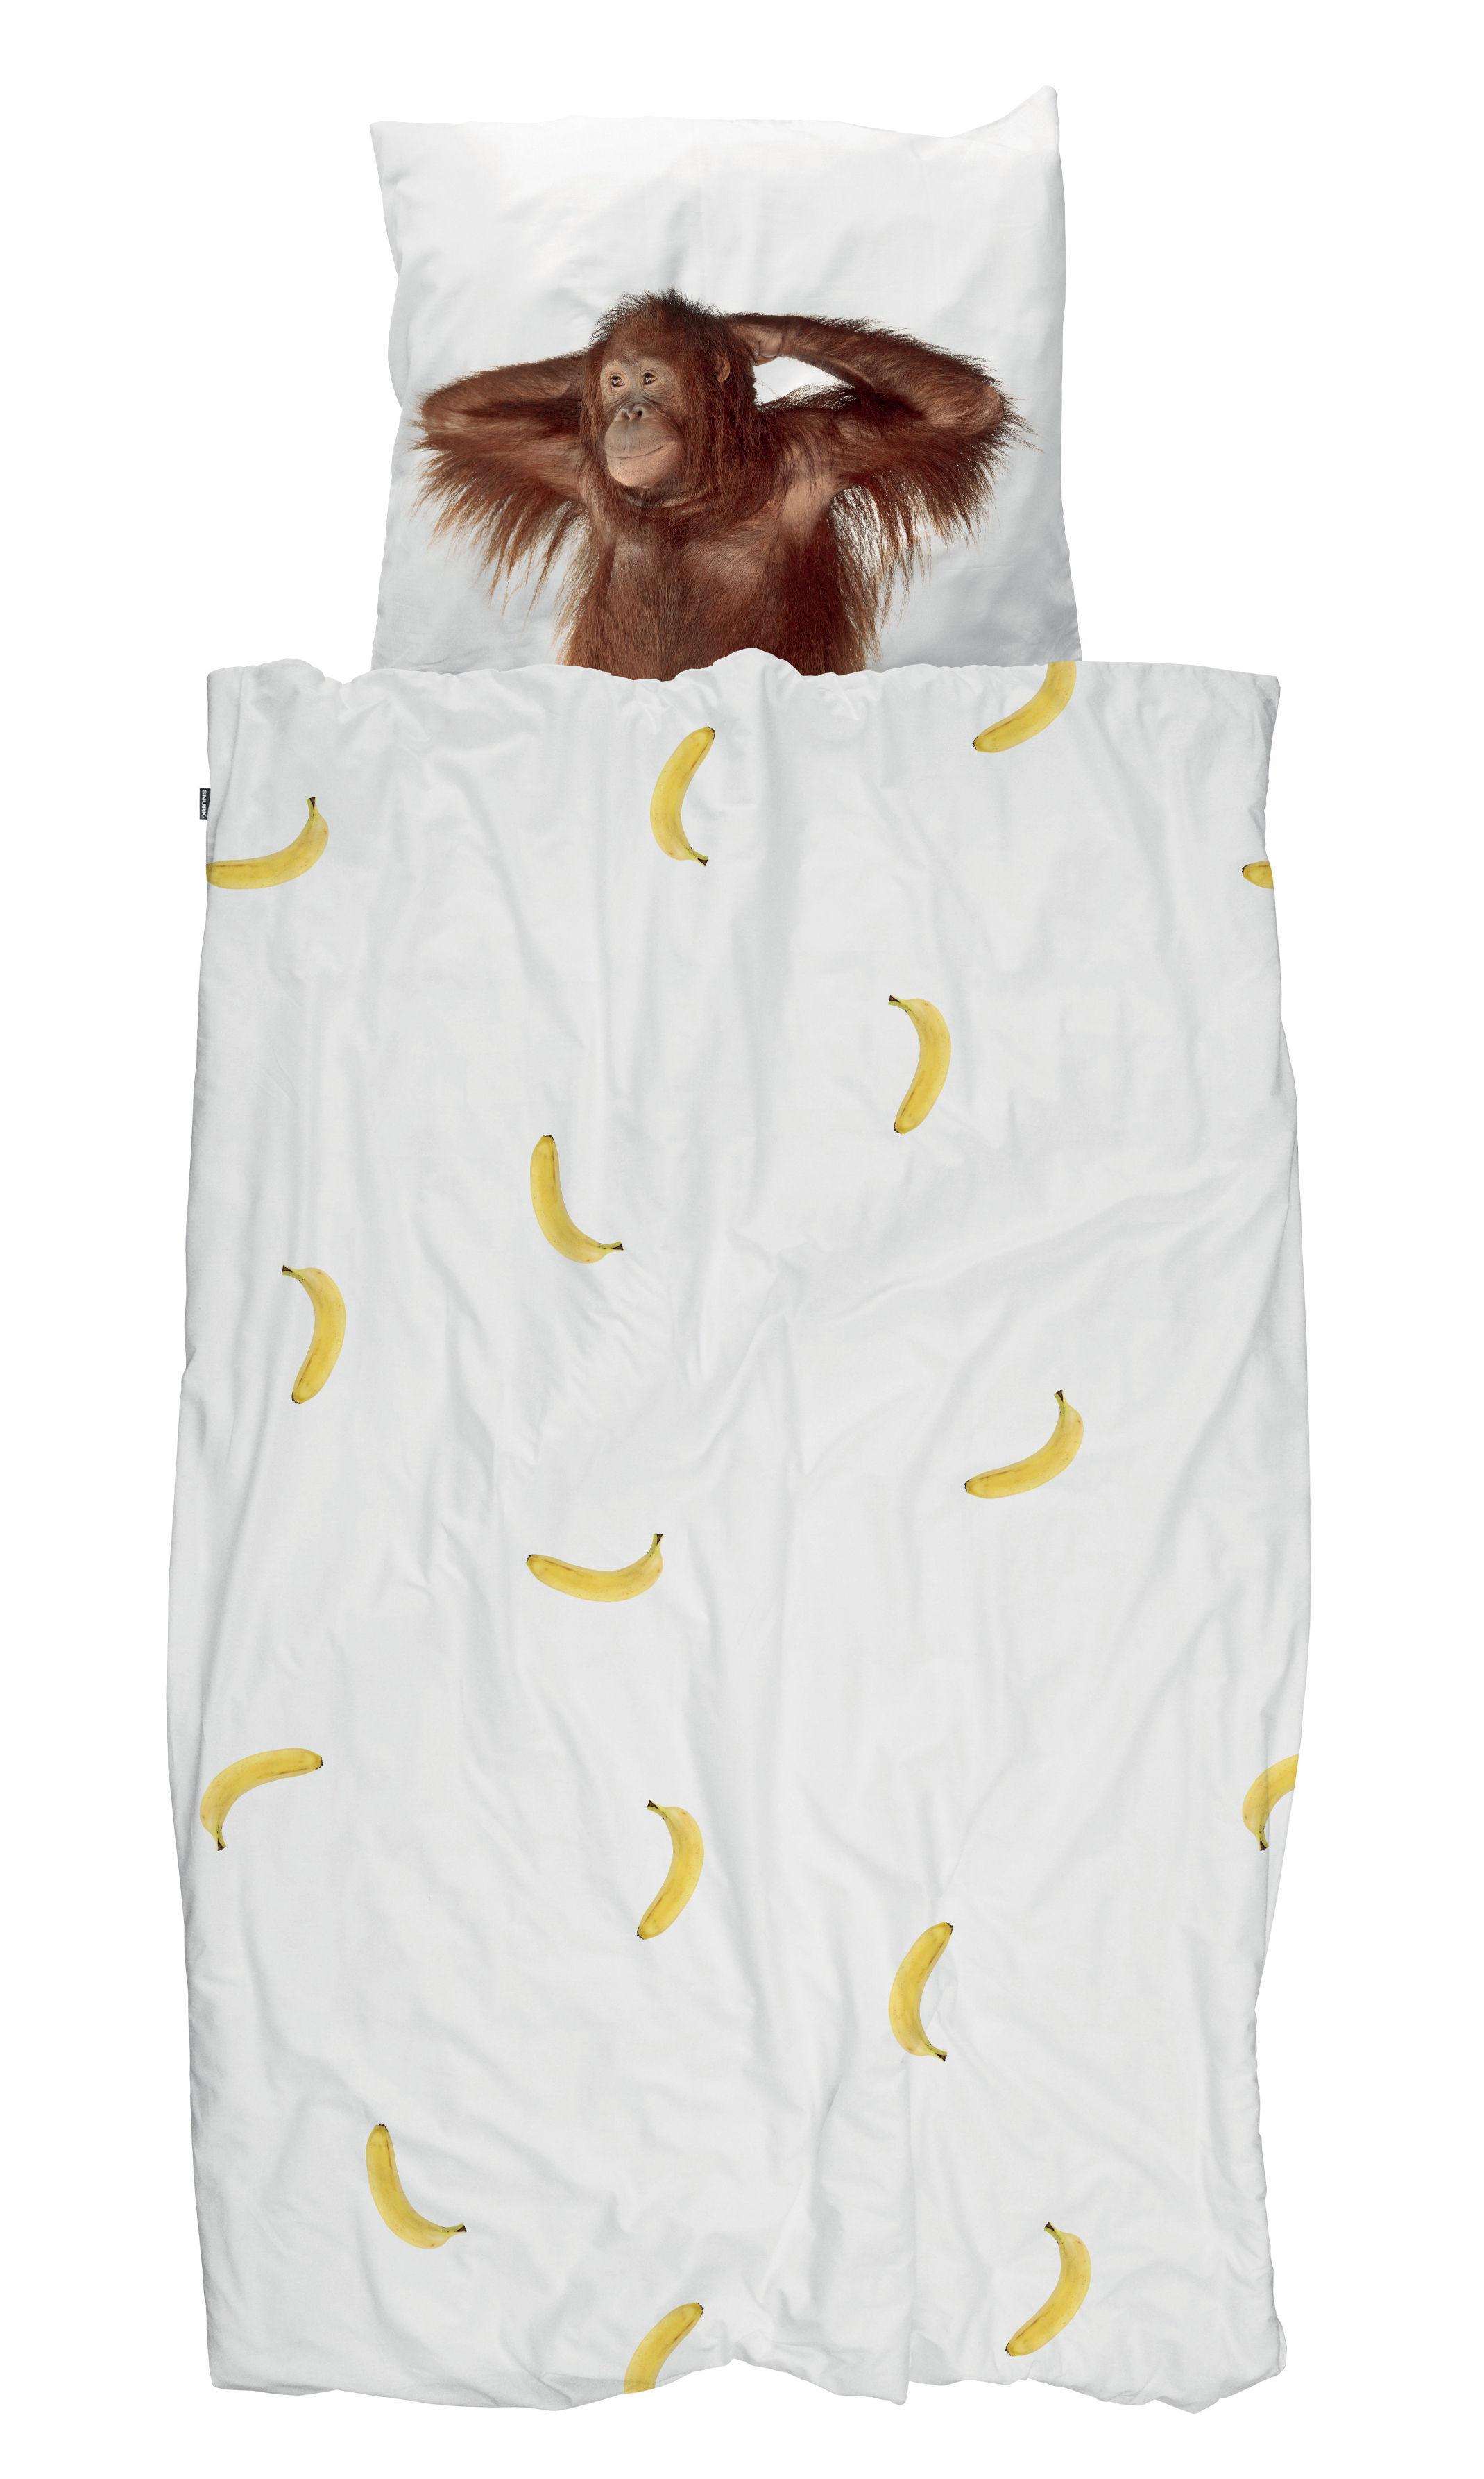 Interni - Tessili - Biancheria da letto 1 persona Banana e Scimmia / 140 x 200 cm - Snurk - Banana & Scimmia - Percalle di cotone